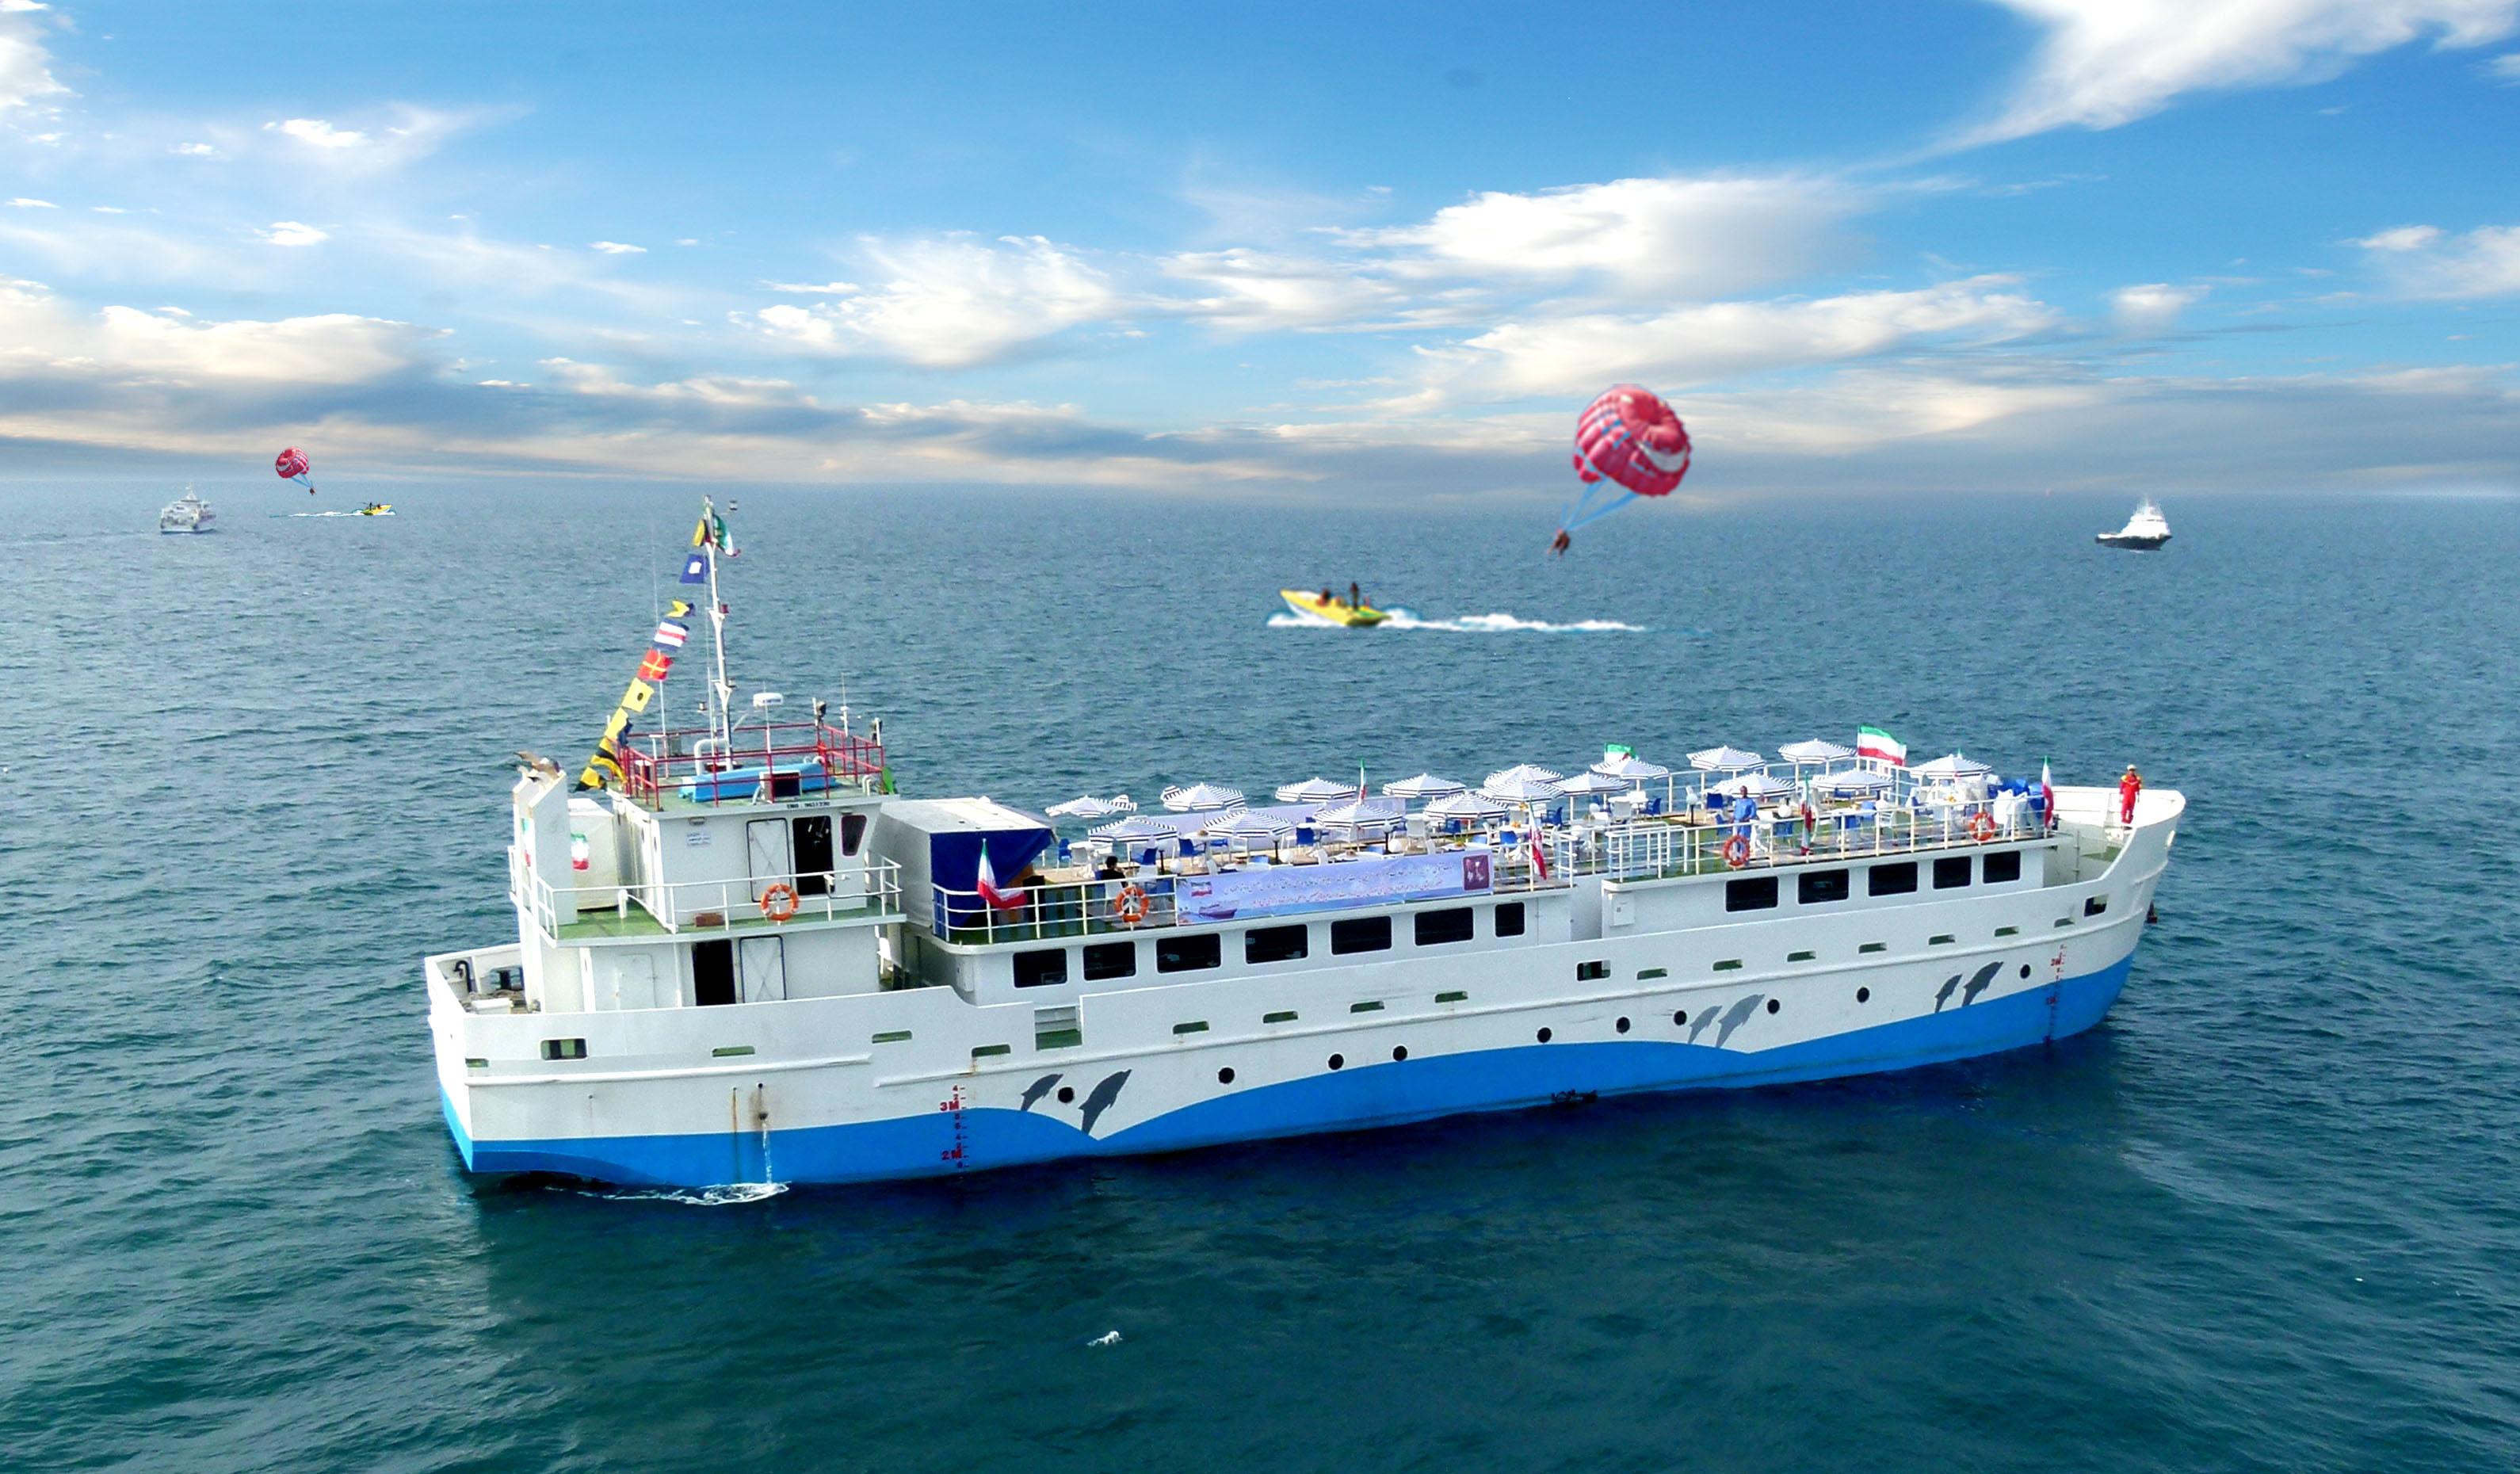 کشتی های مسافربری